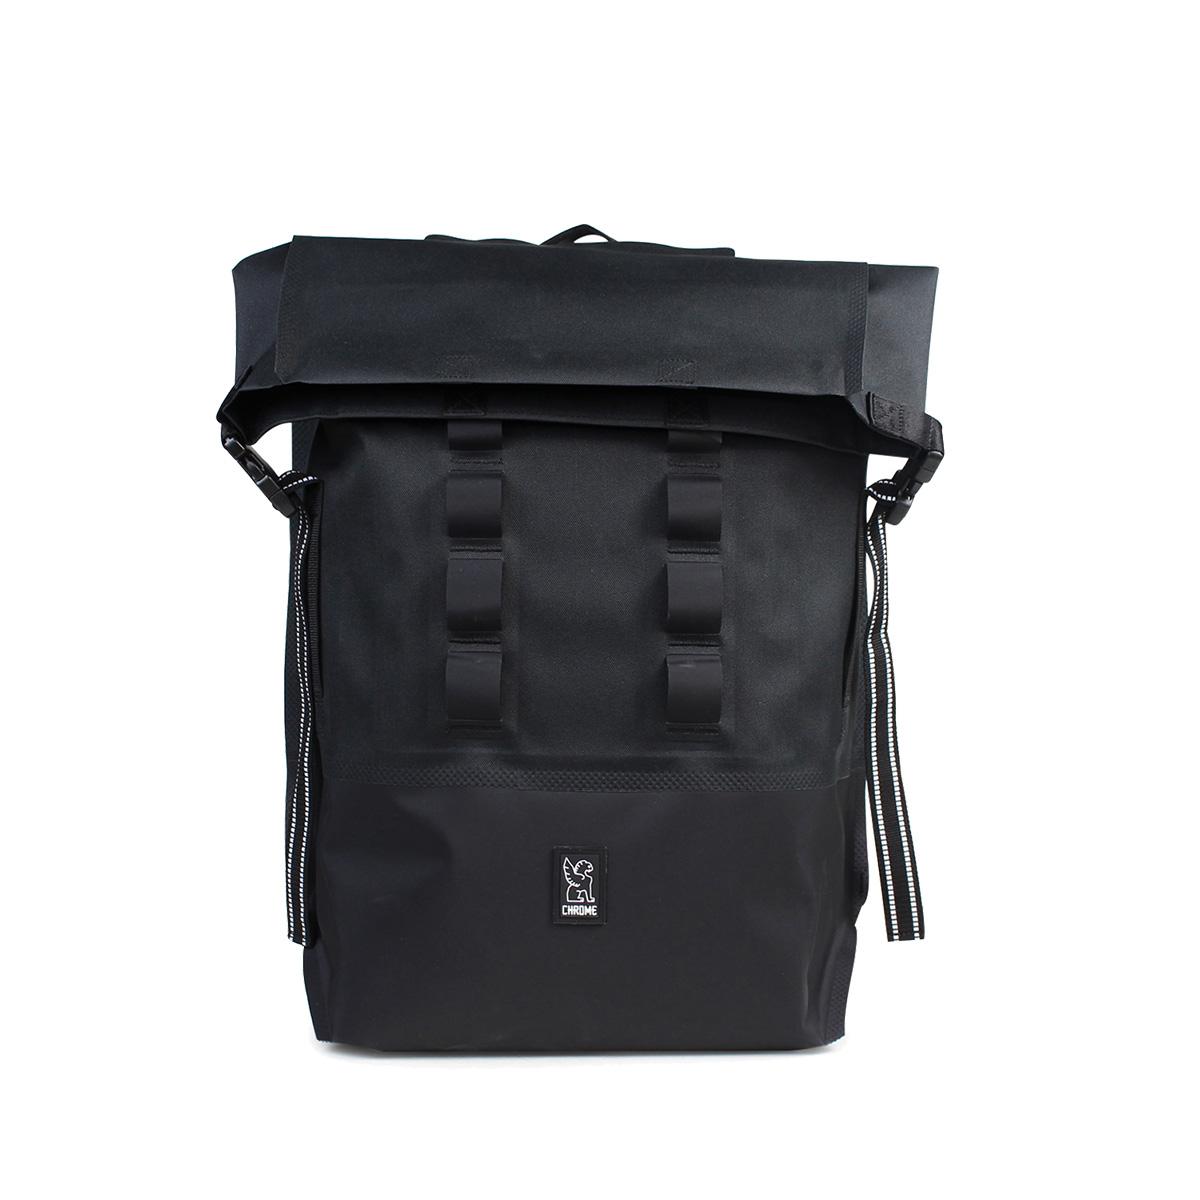 CHROME URBAN EX ROLLTOP リュック バッグクローム バックパック 28L メンズ レディース BG-218 ブラック レッド 黒